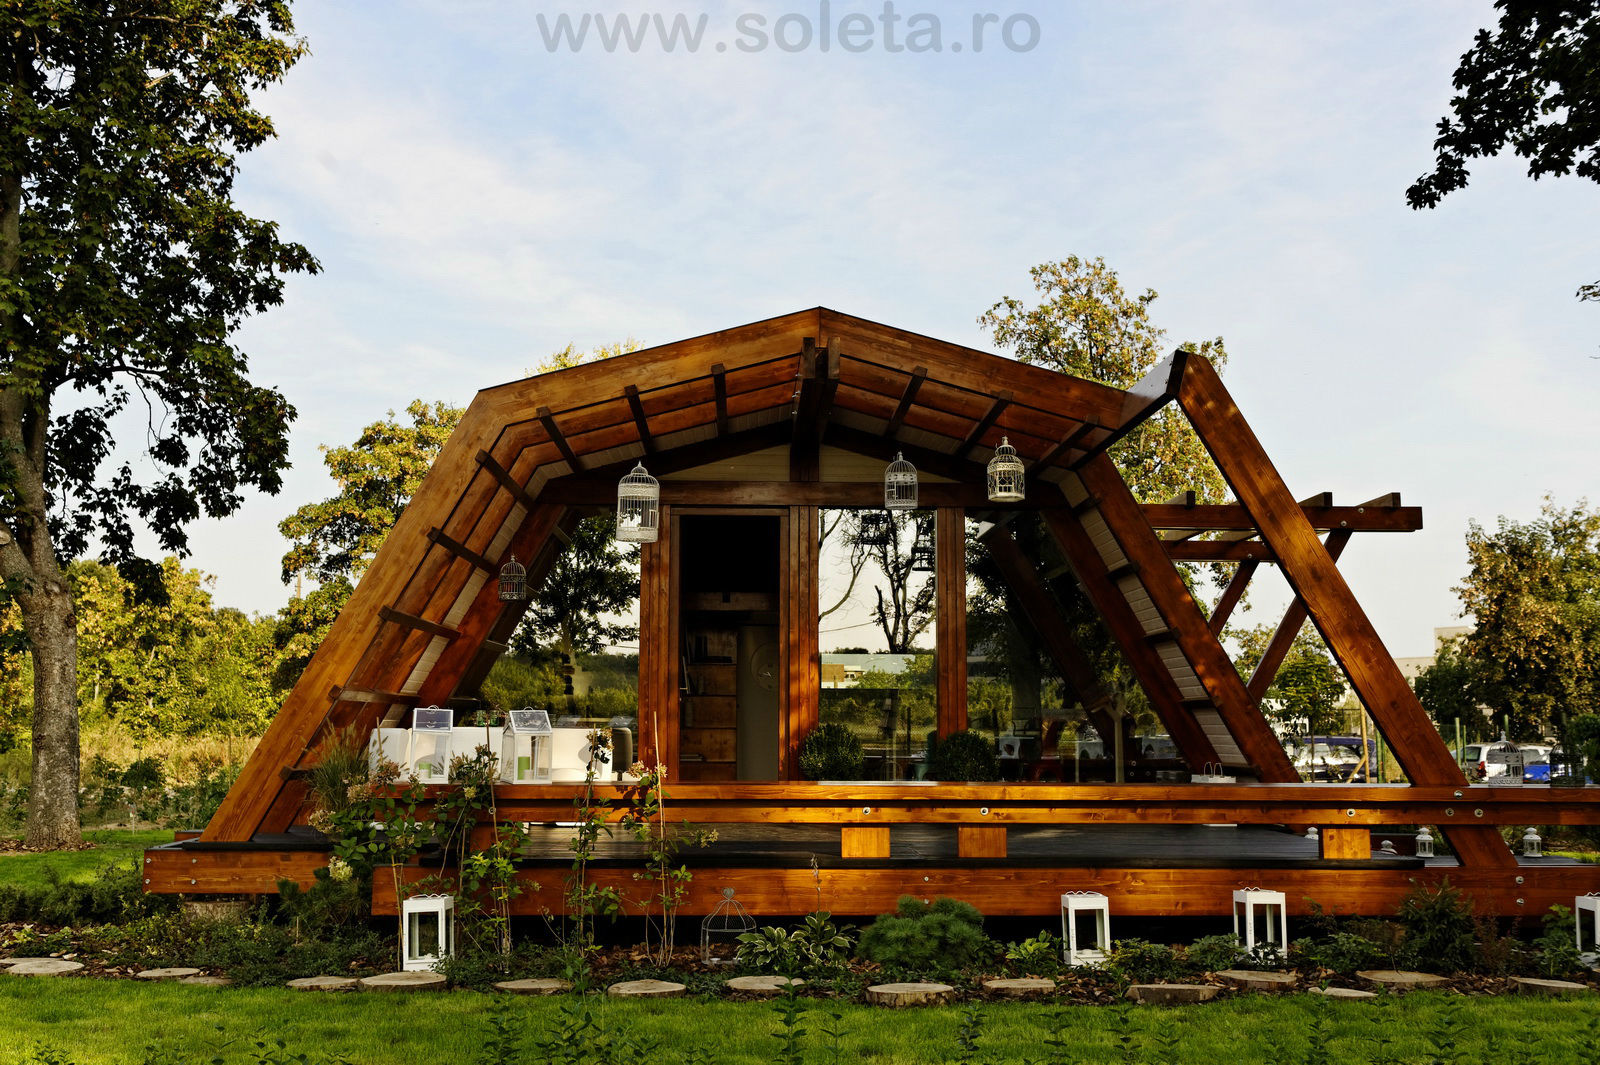 48m2, bardzo ciekawy kształt, budowa domu krok po kroku